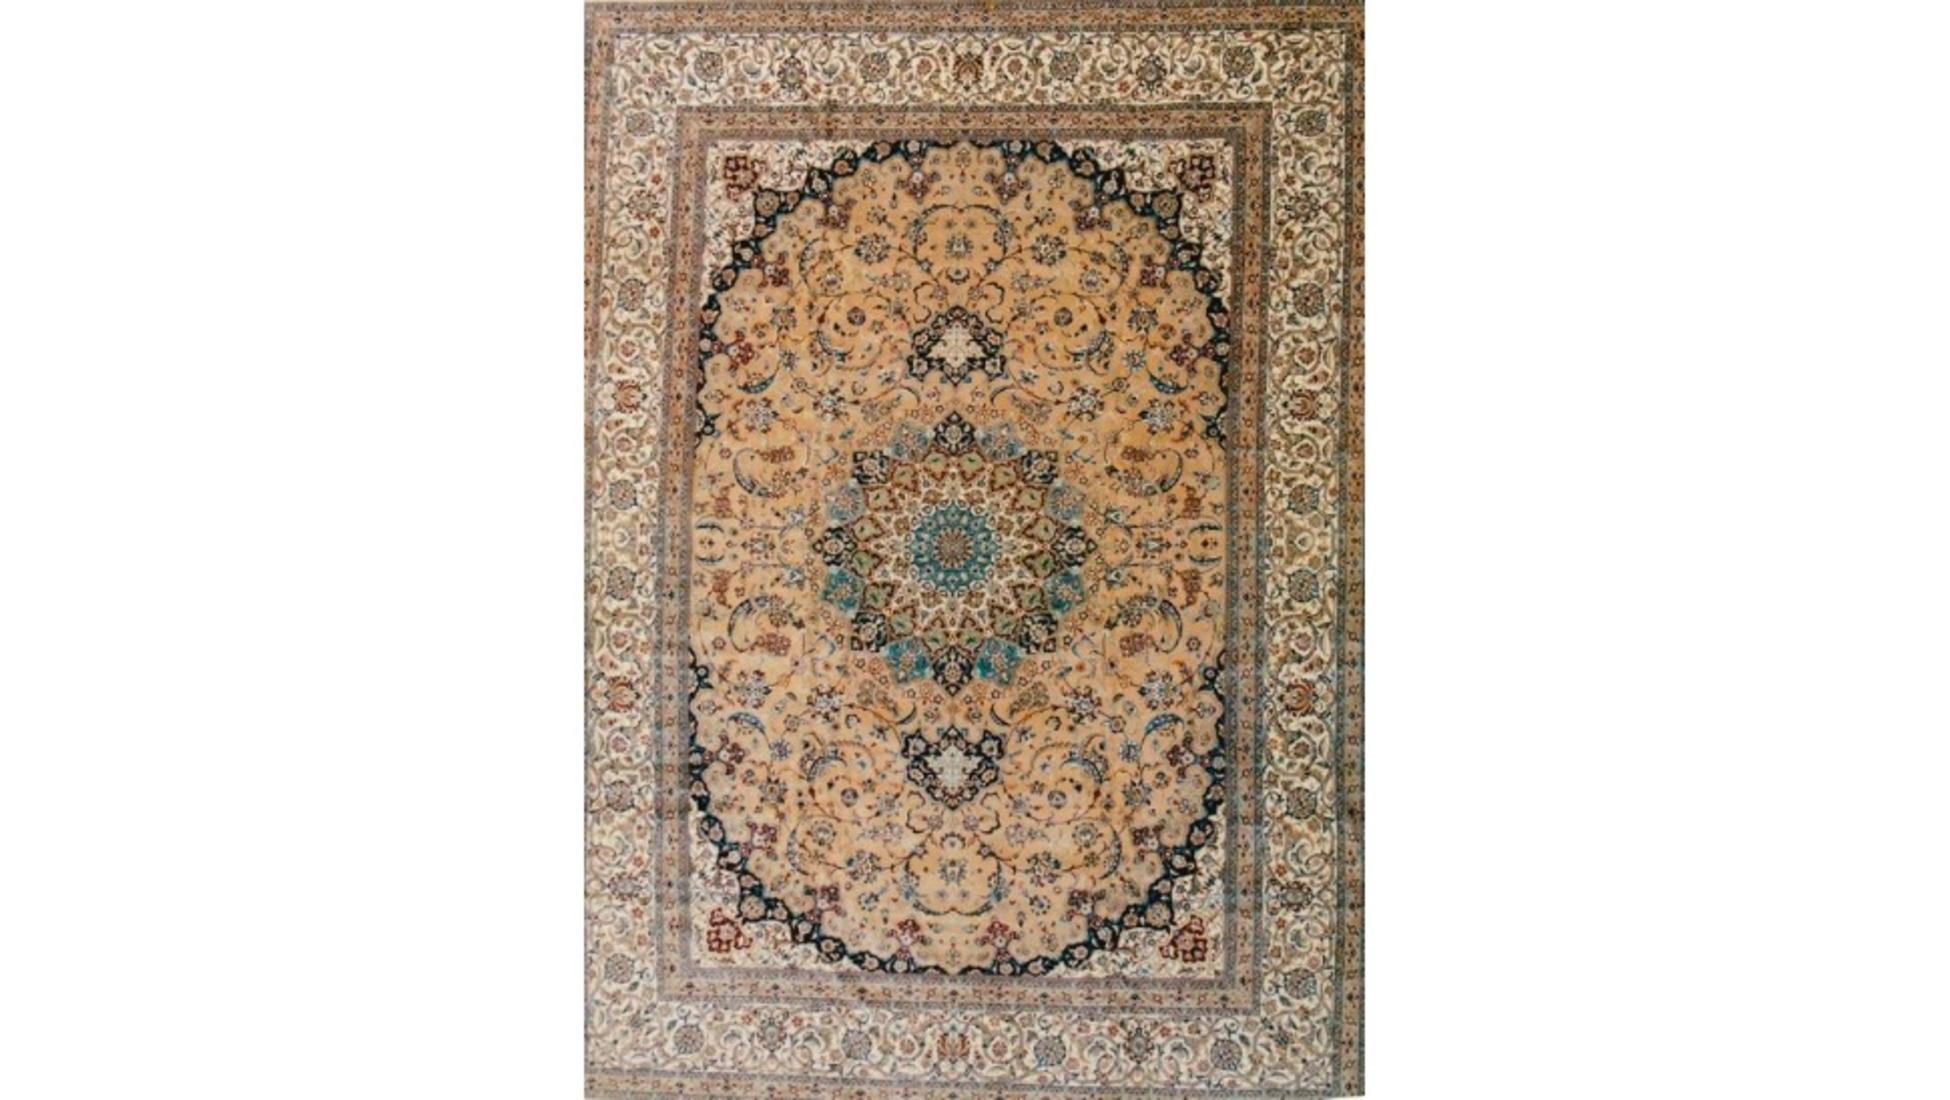 Perzisch Tapijt Taxeren : Hoe bepaal je de waarde van een oosters tapijt catawiki